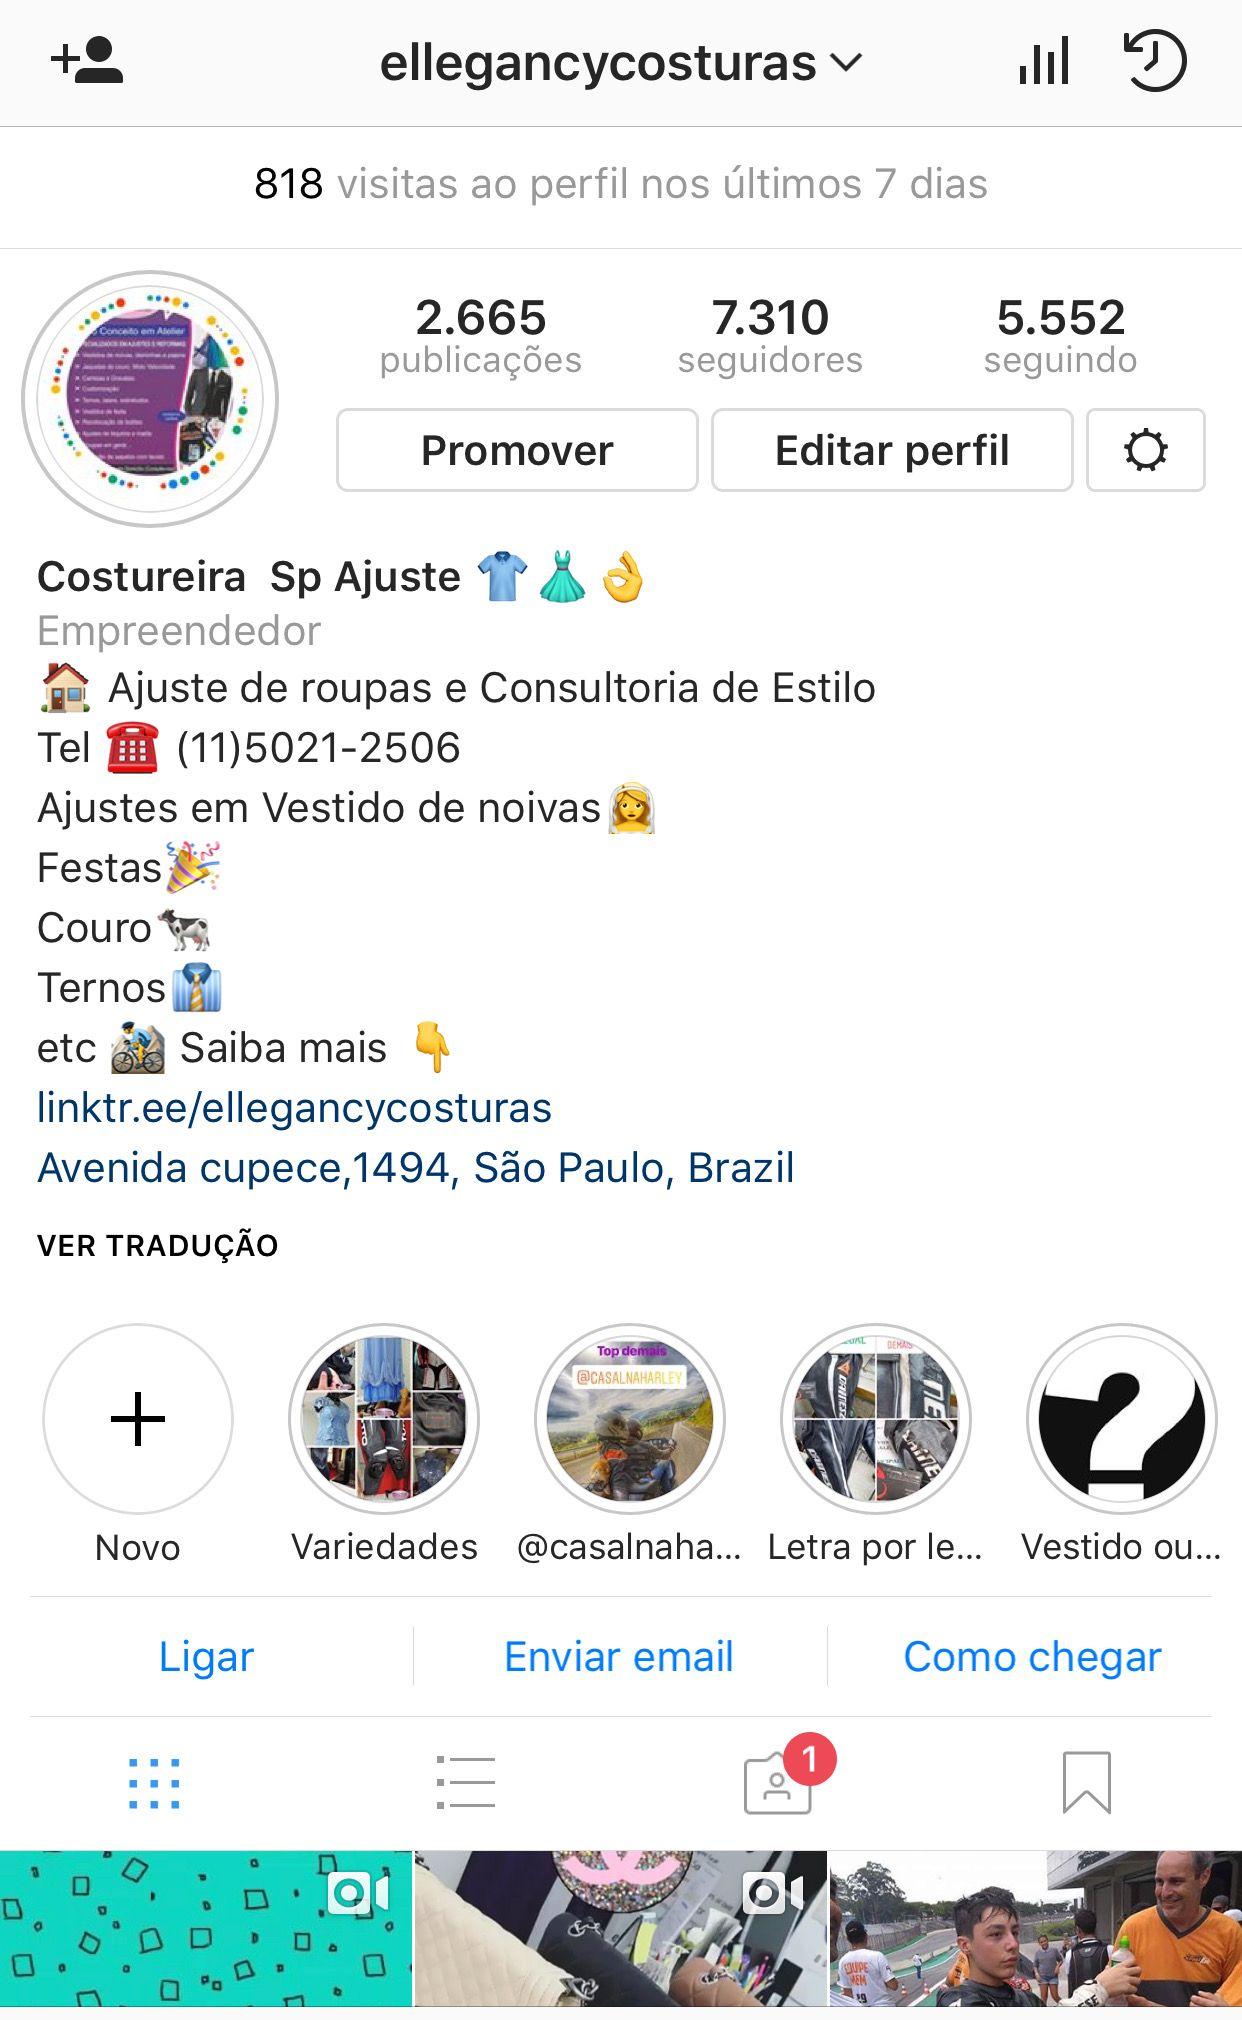 8bd8b3902 Nos siga no Instagram @ellegancycosturas #ellegancycosturas ,  #ajustederoupas , #costureirasp, #